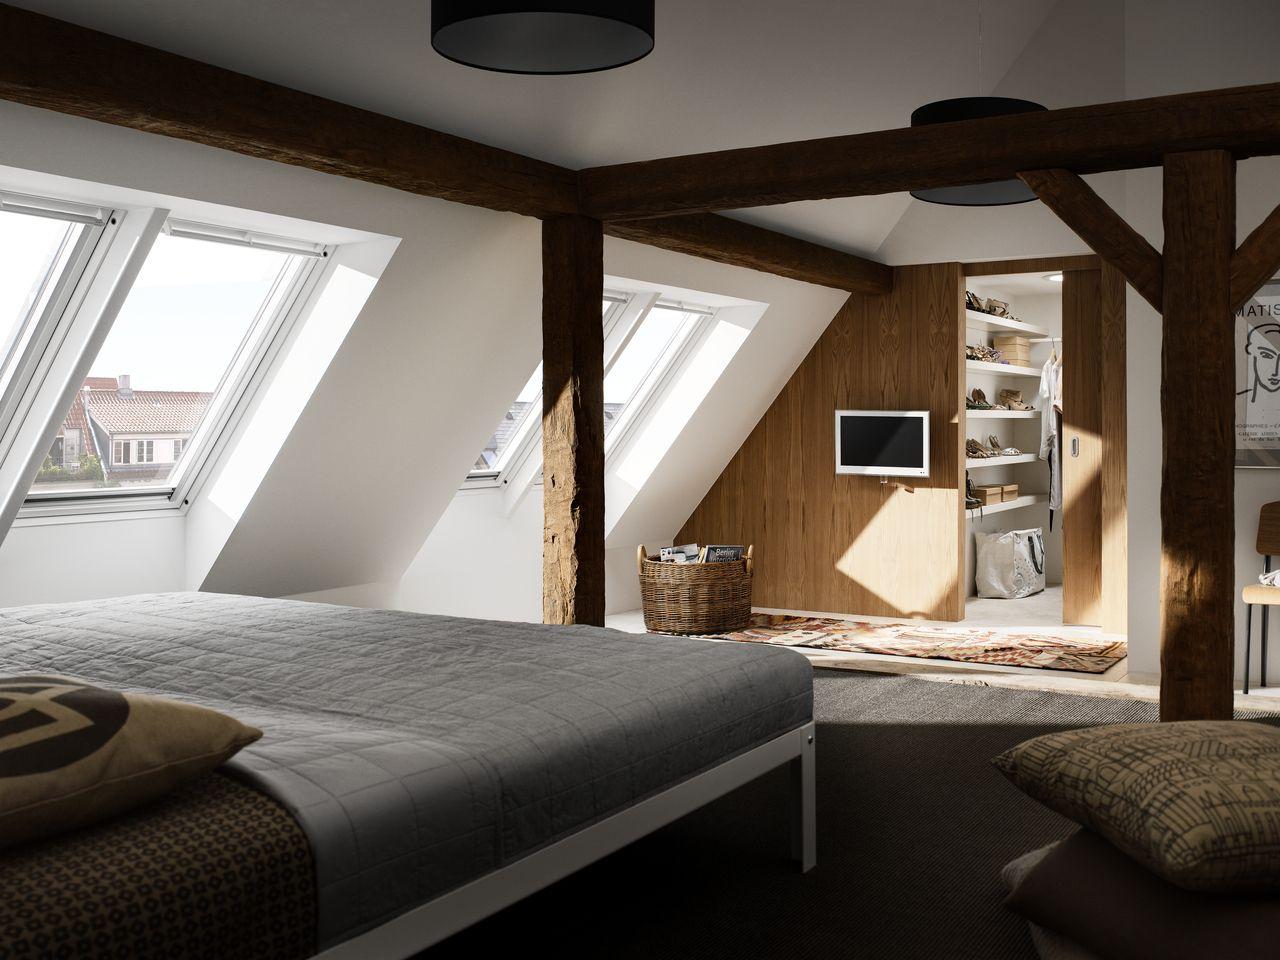 Moderne Schlafzimmer planen und gestalten wohnzimmerideen